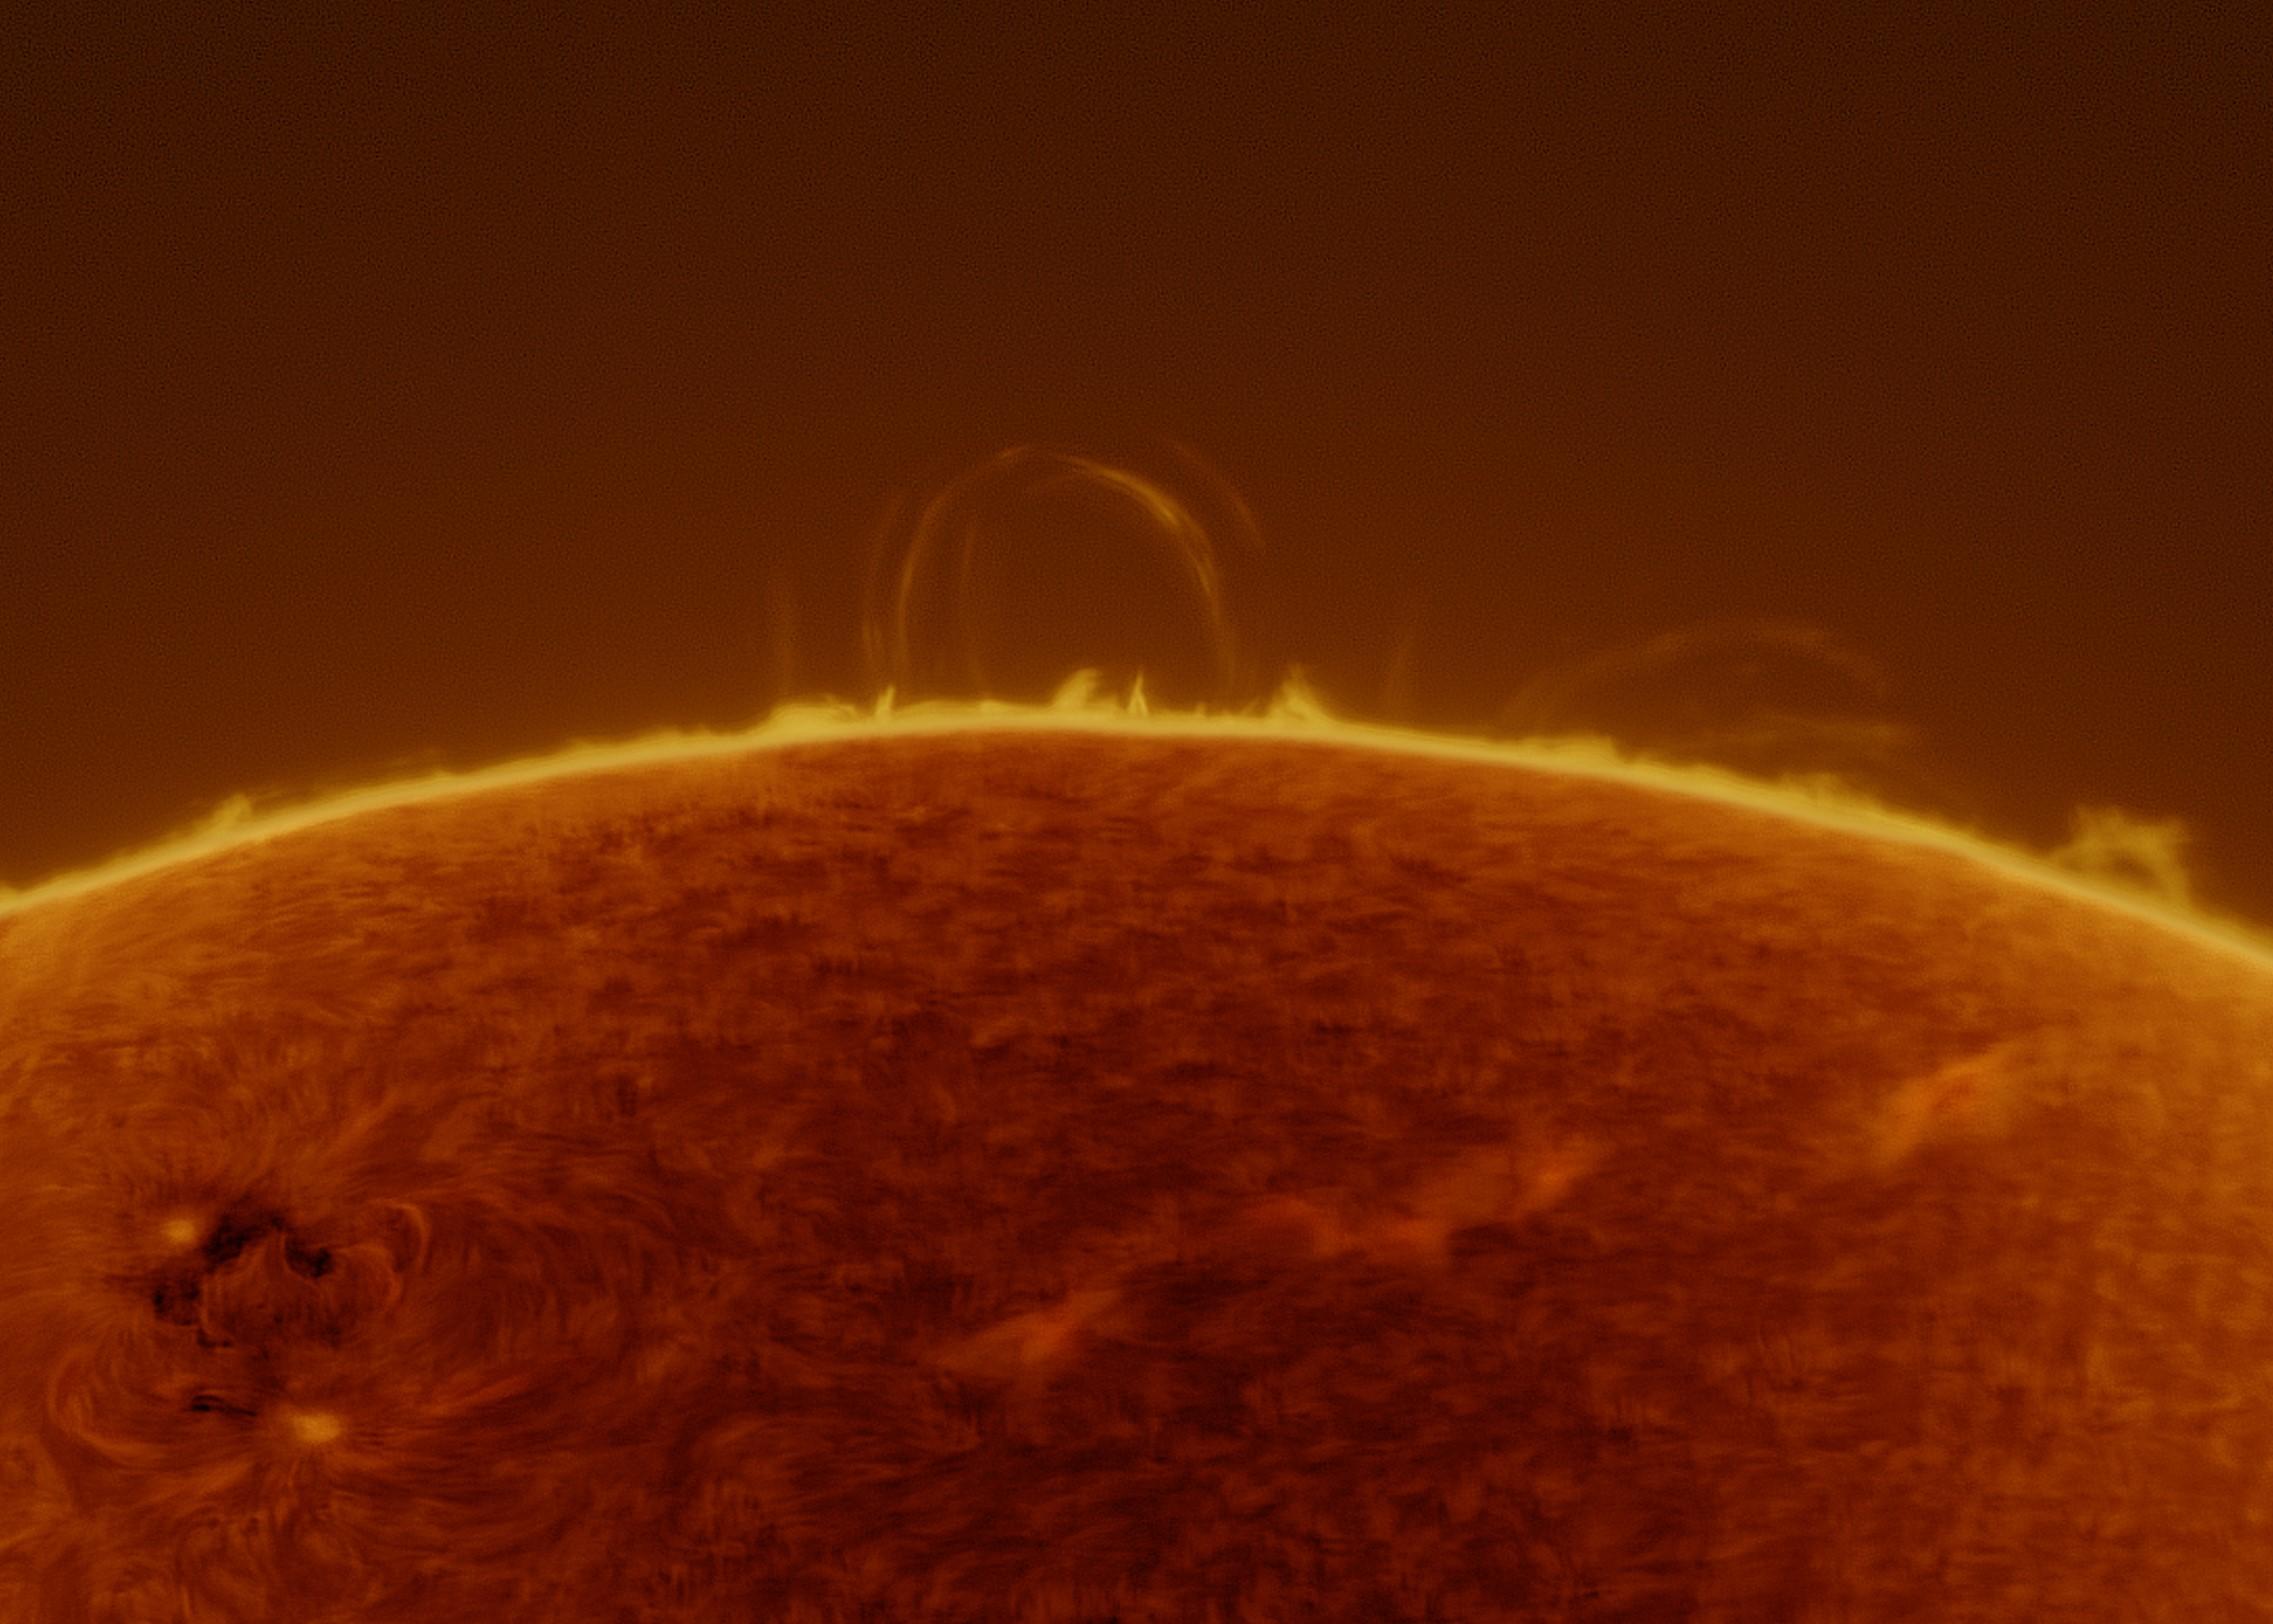 51 słoneczna pętla i rejon aktywny AR1987 w paśmie H alfa 2014-02-23 fot. Karol Wenerski